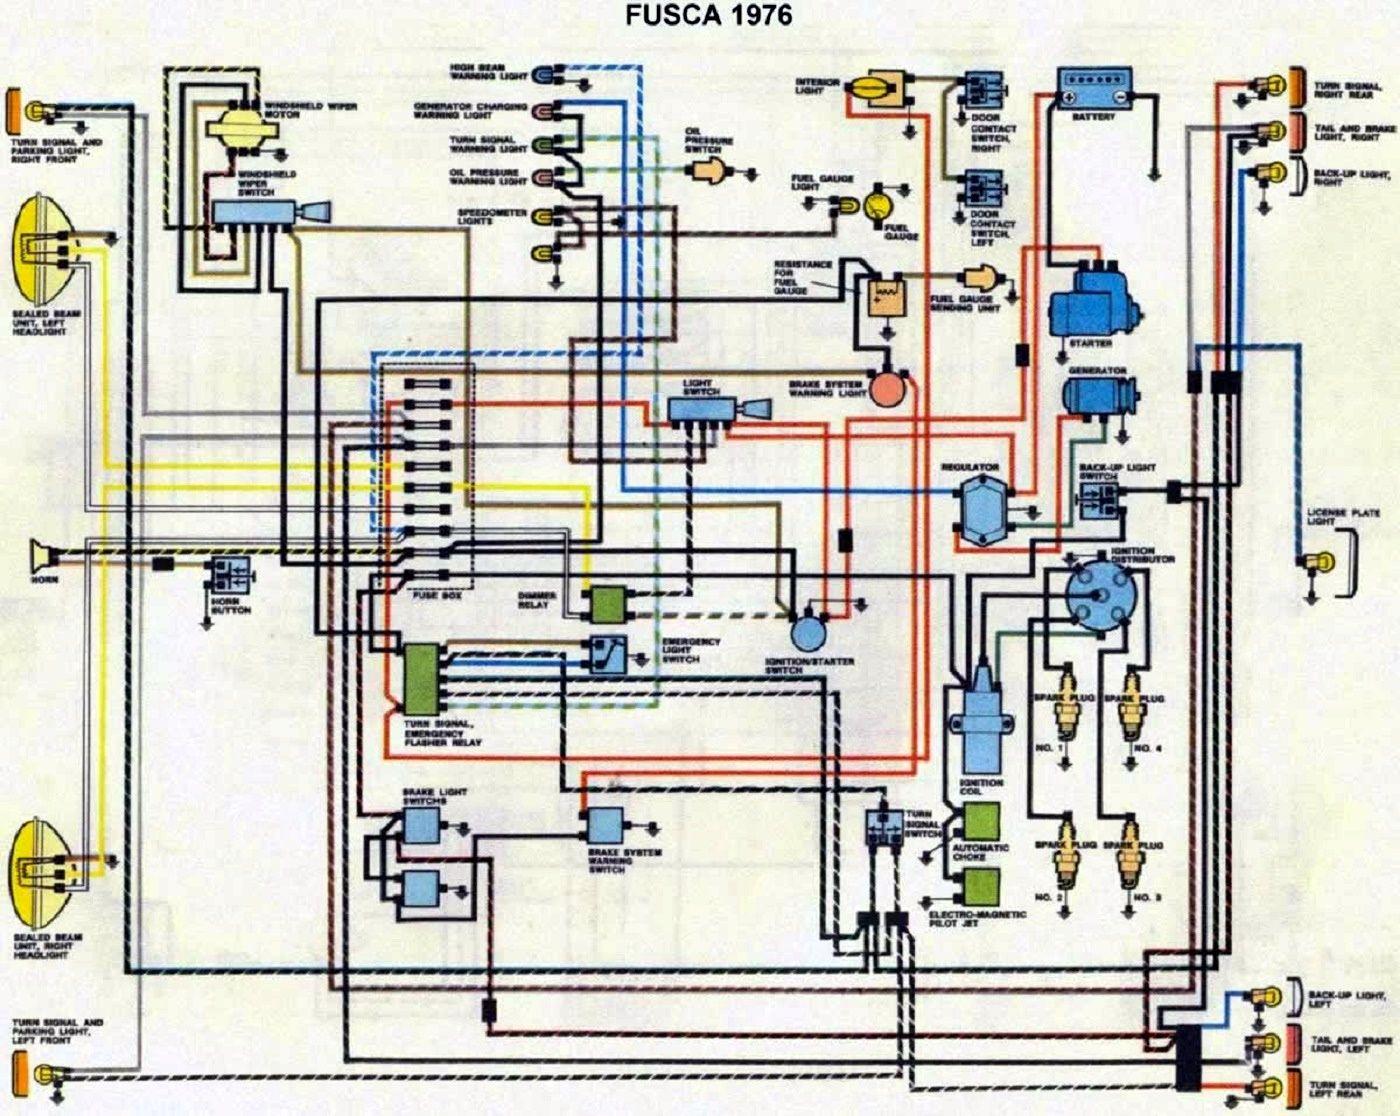 Esquema Eletrico Fusca 76 Http Www Umapergunta Com Esquema